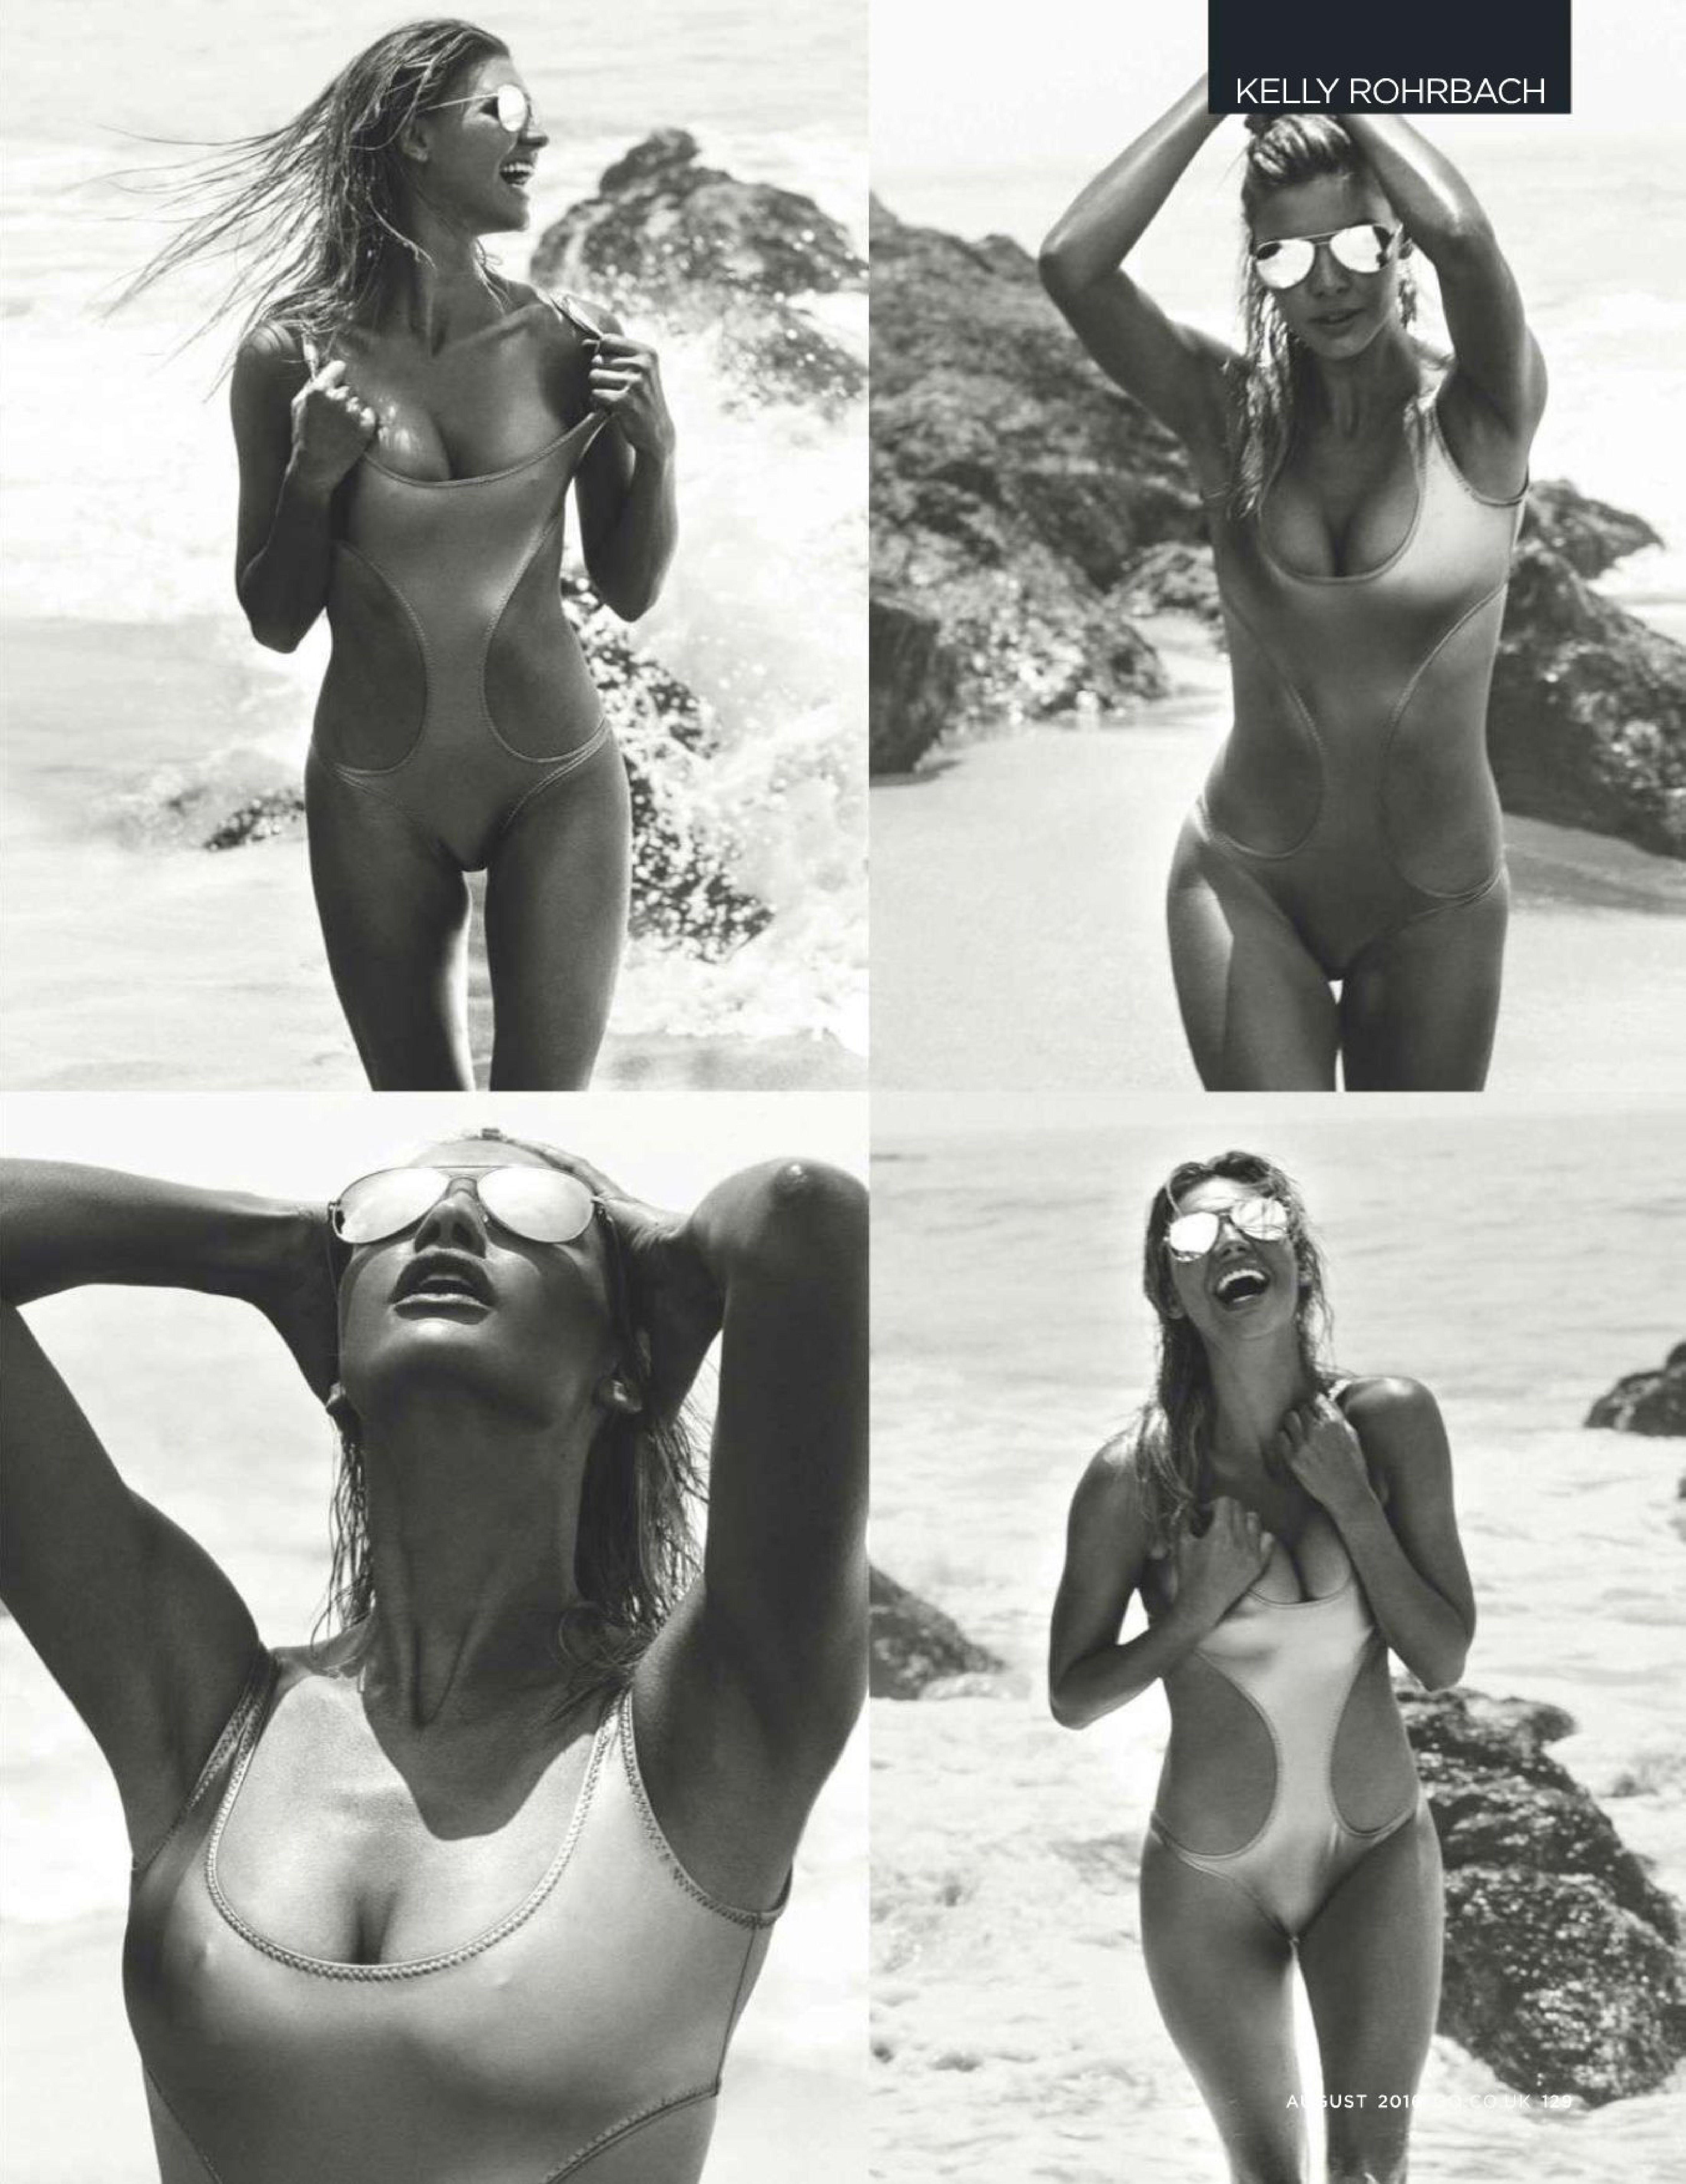 Kelly-Rohrbach-Sexy-Pics-1